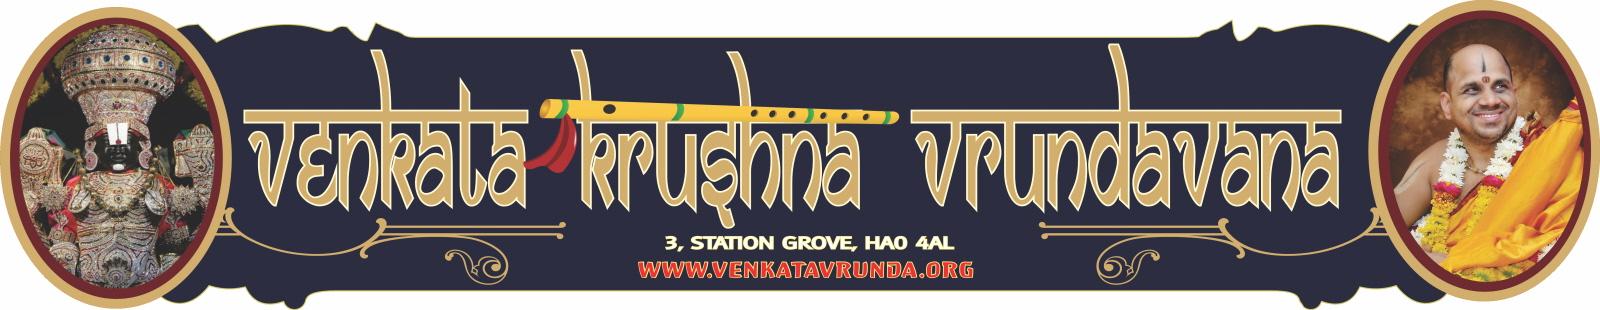 Venkata Krushna Vrundavana